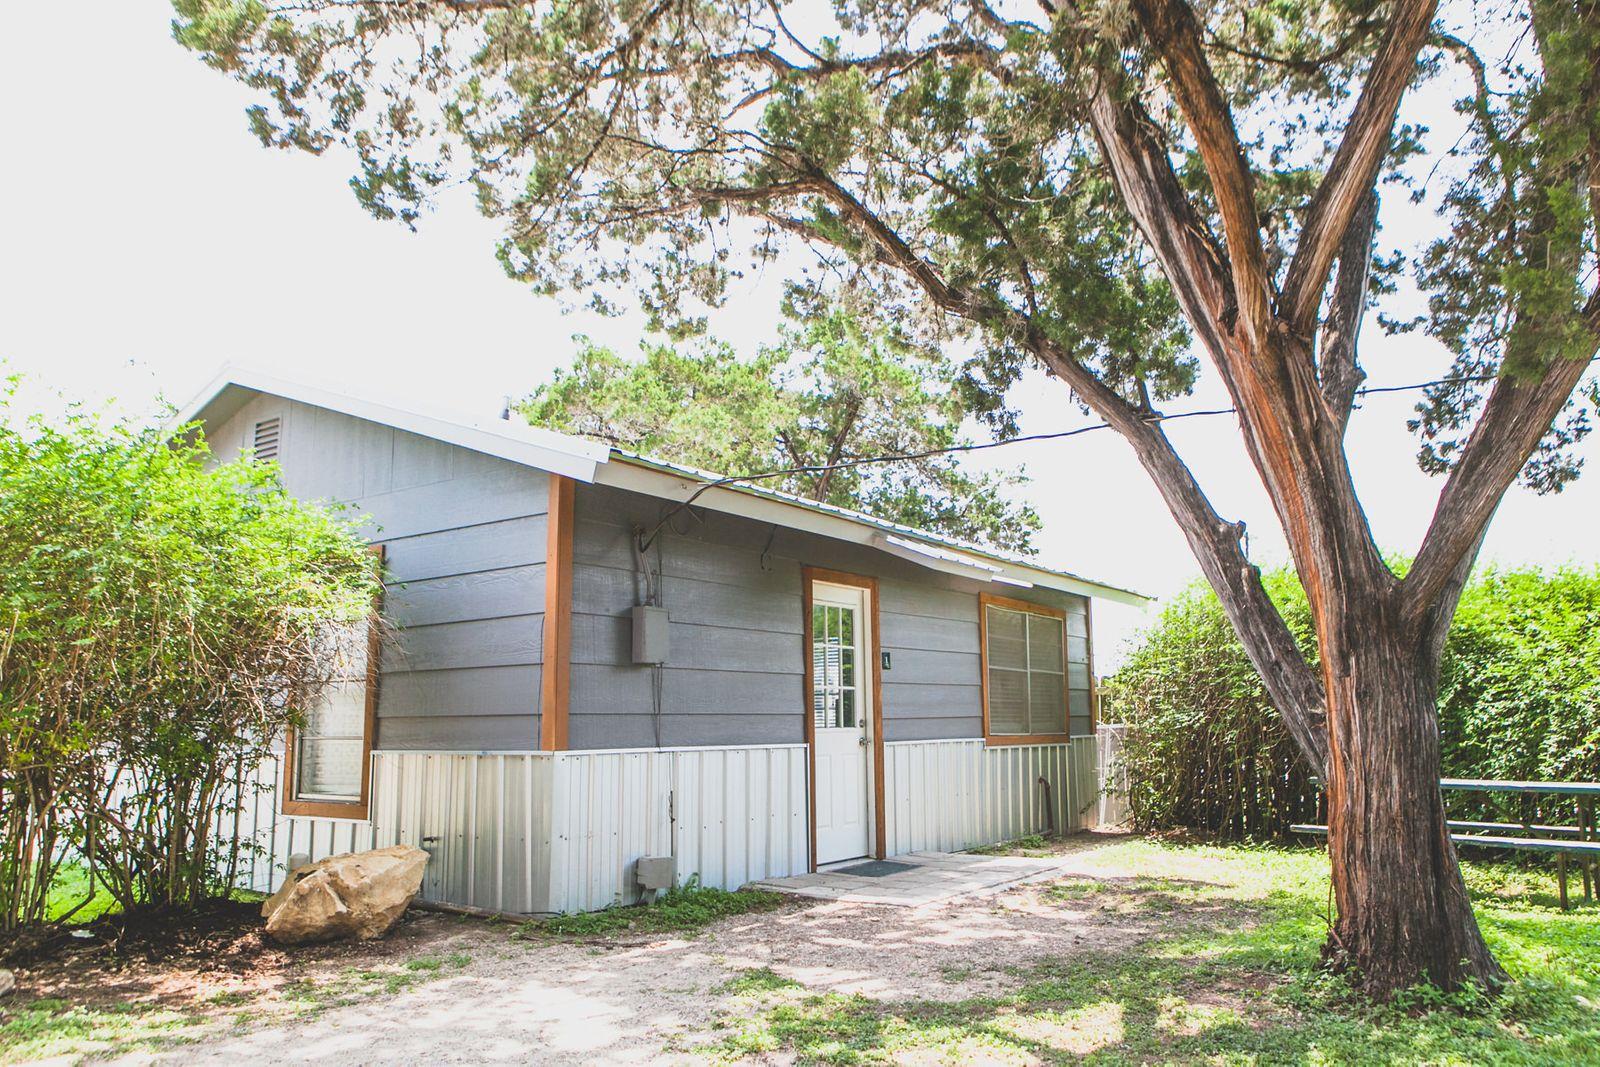 Cottage #1 - Yoakum